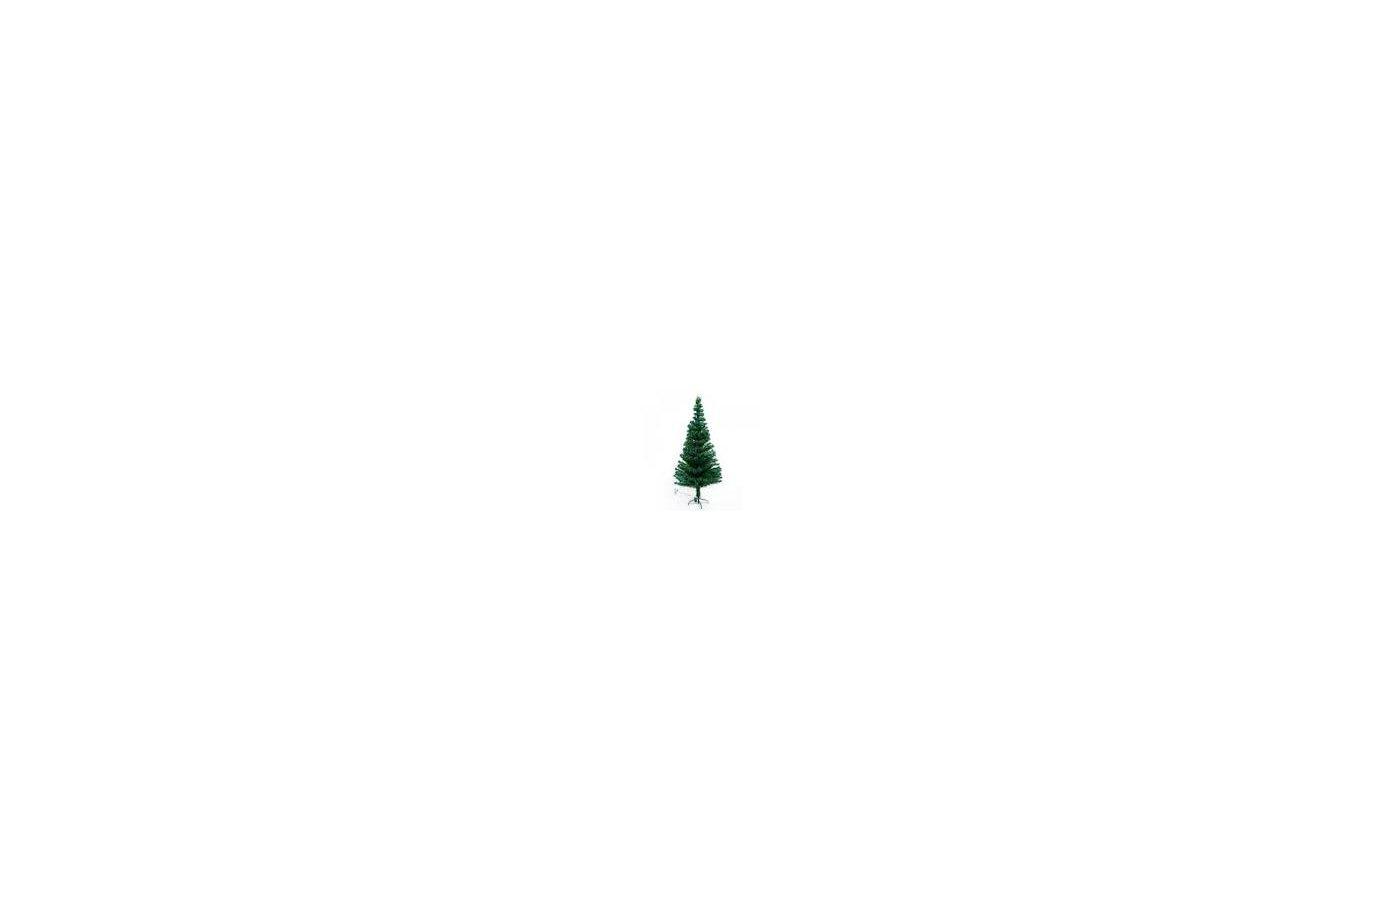 Елка Сноу Бум Елка со световолокном 120см 387-070